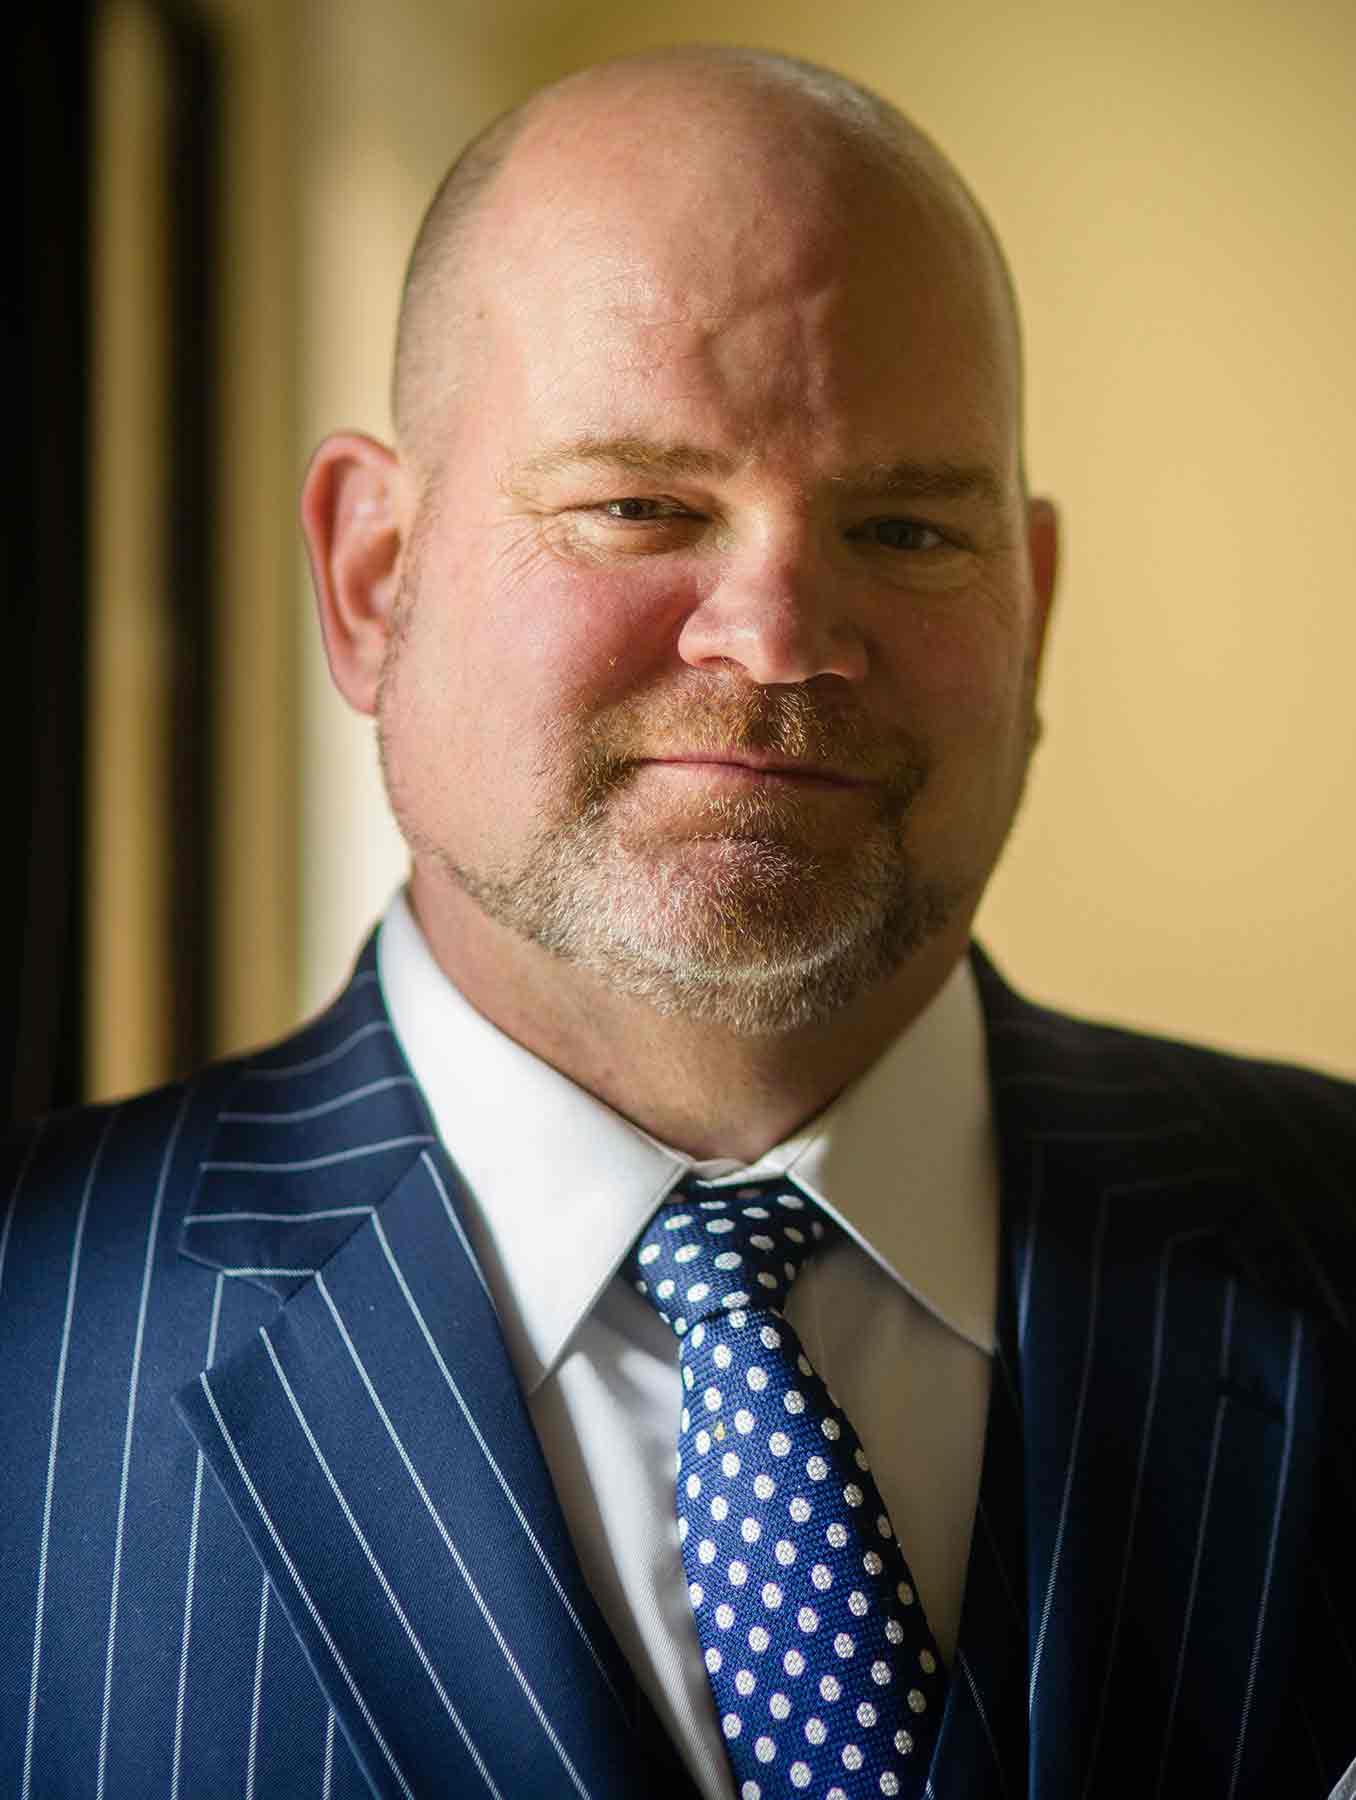 Trevor Robert Parry